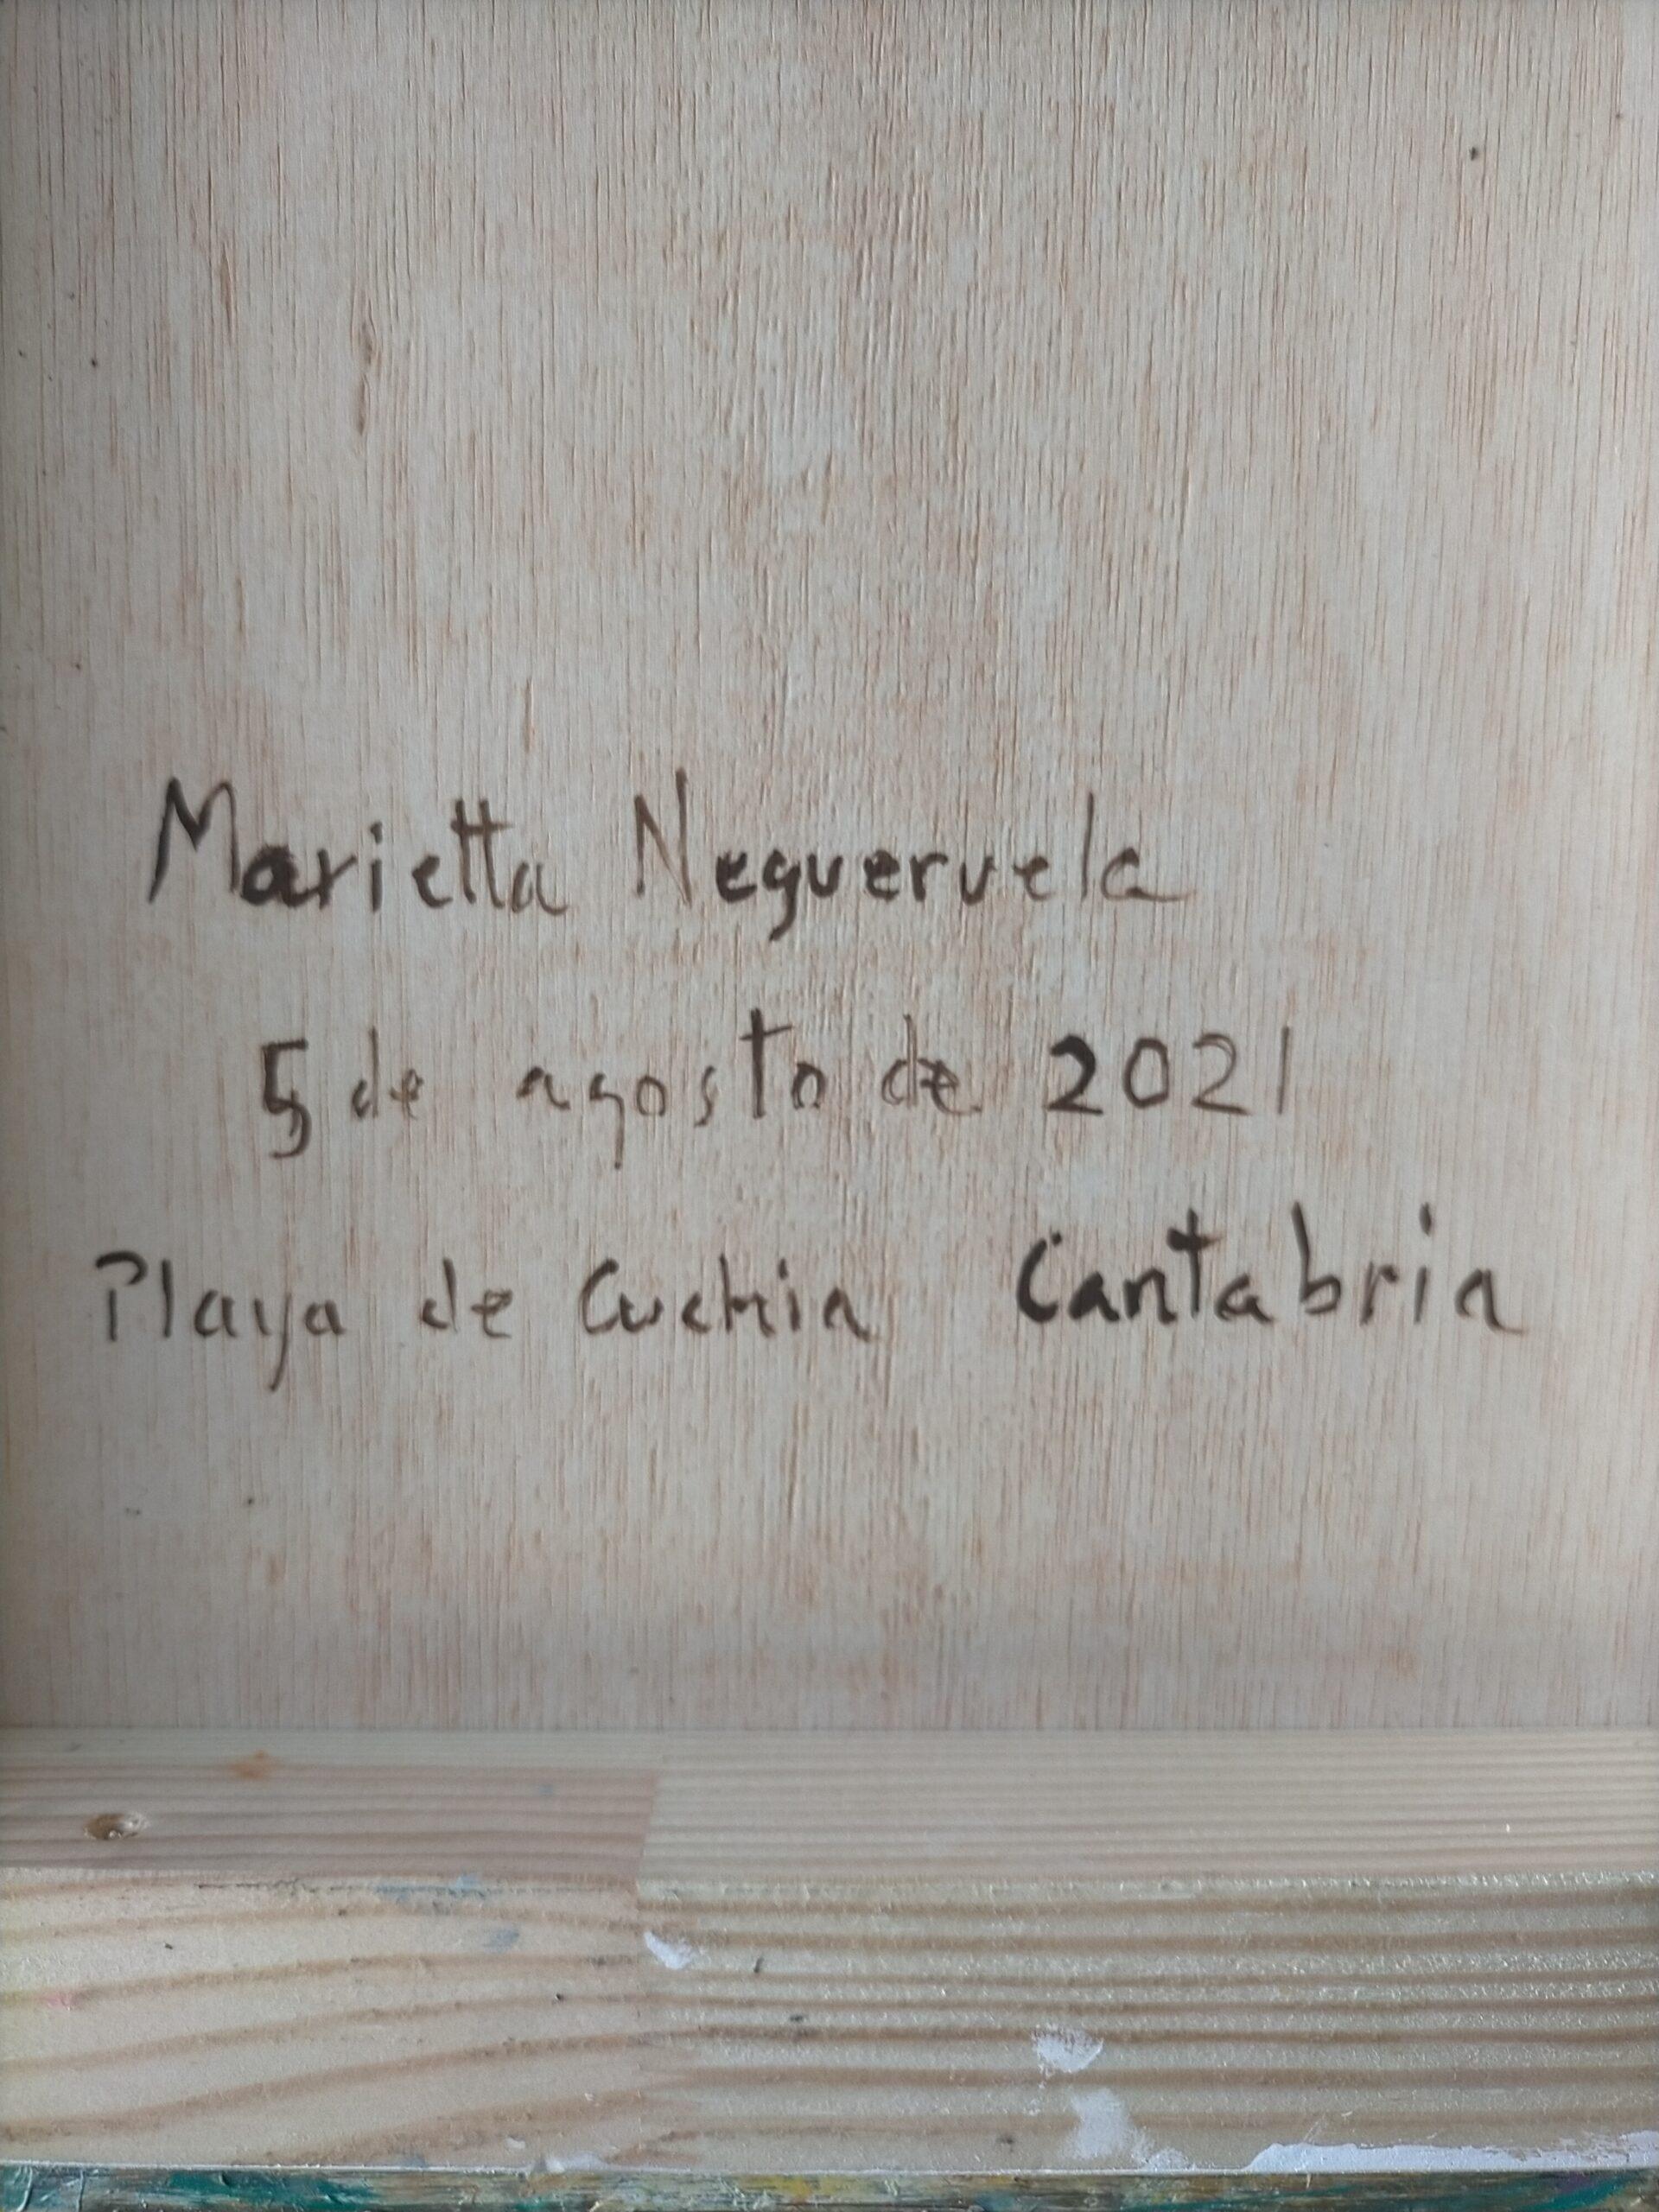 Playa de Cuchia I